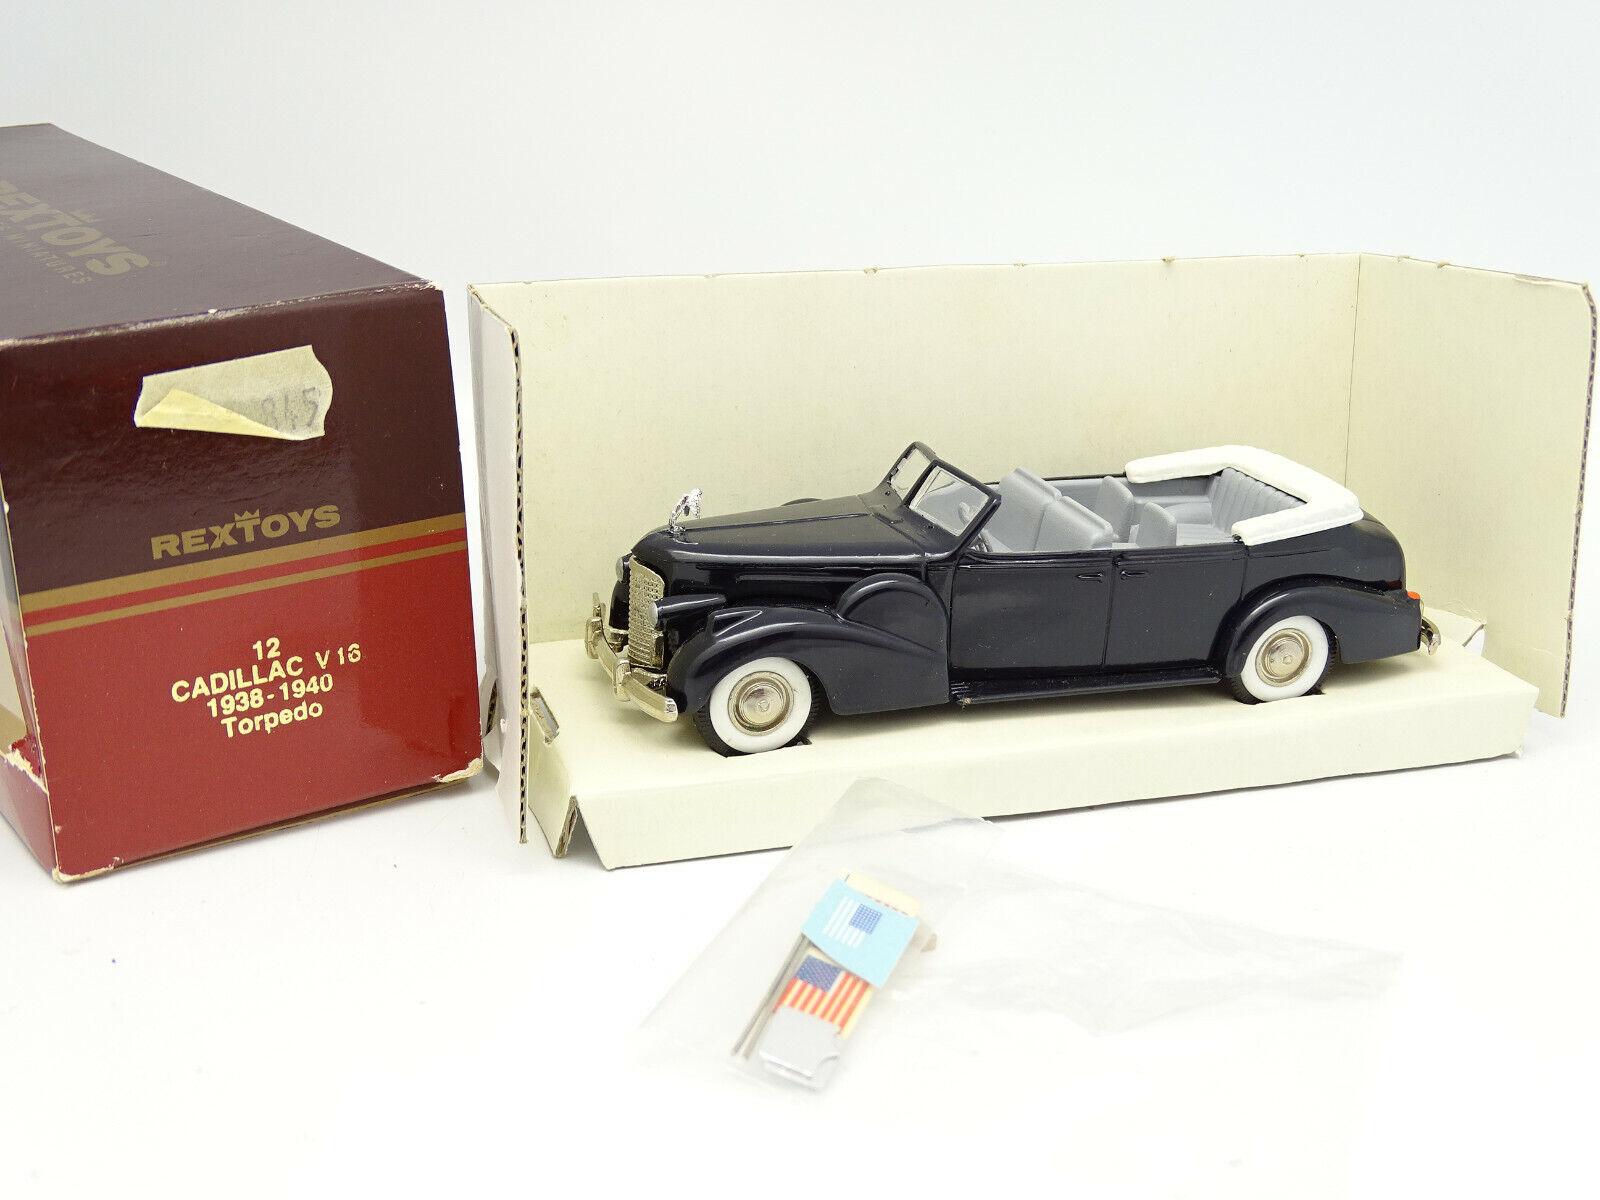 Rextoys 1 43 - Cadillac V16 Torpedo Presidential 1938